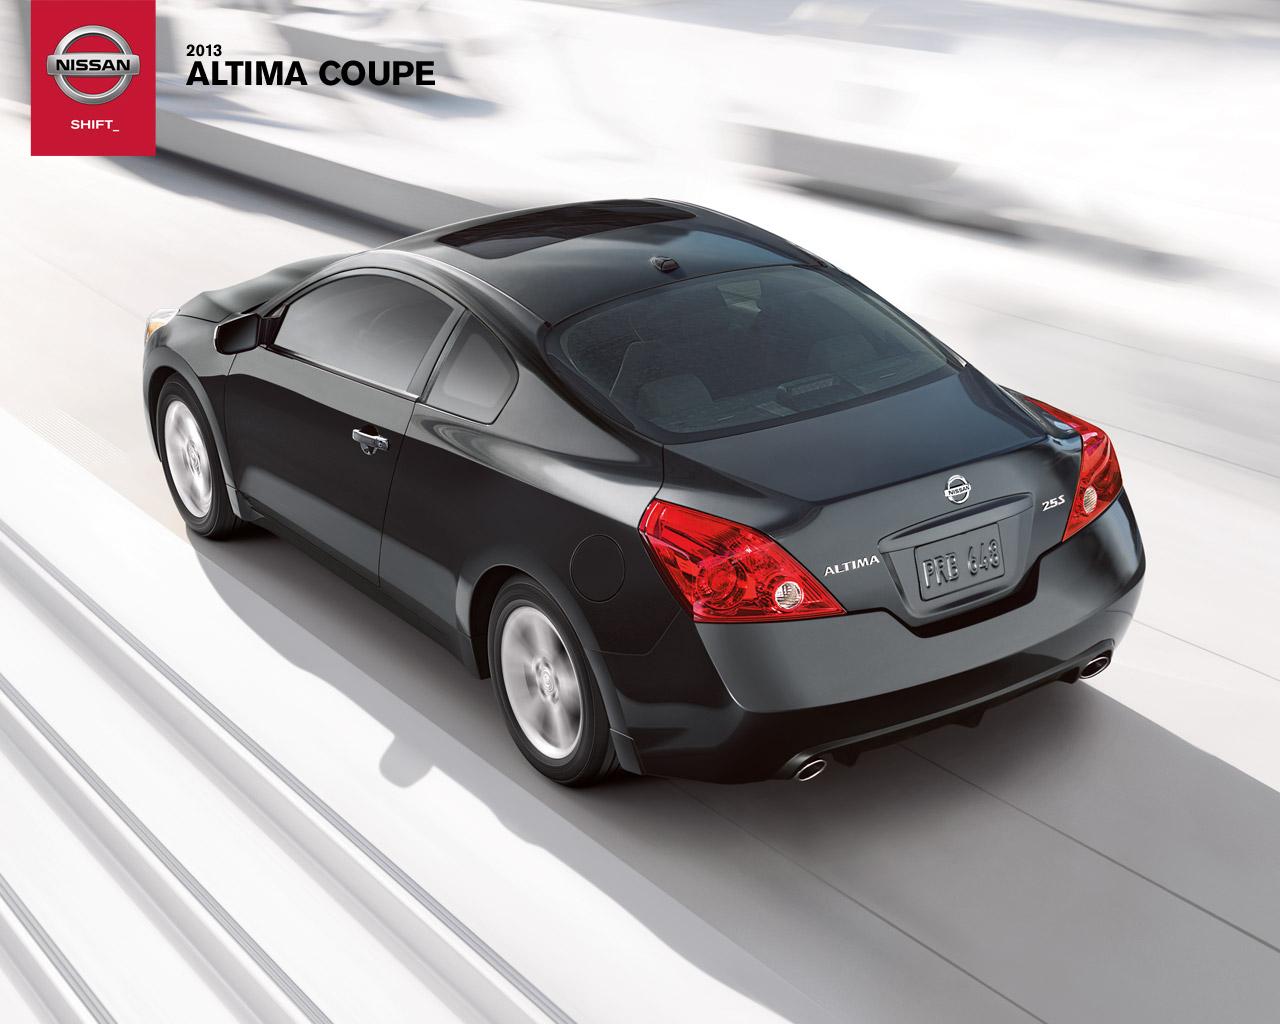 nissan altima coupe 2013. el nissan altima coupe es un carro de dos puertas y capacidad para cuatro ocupantes cual se destaca por contar con una carrocera diseada 2013 a